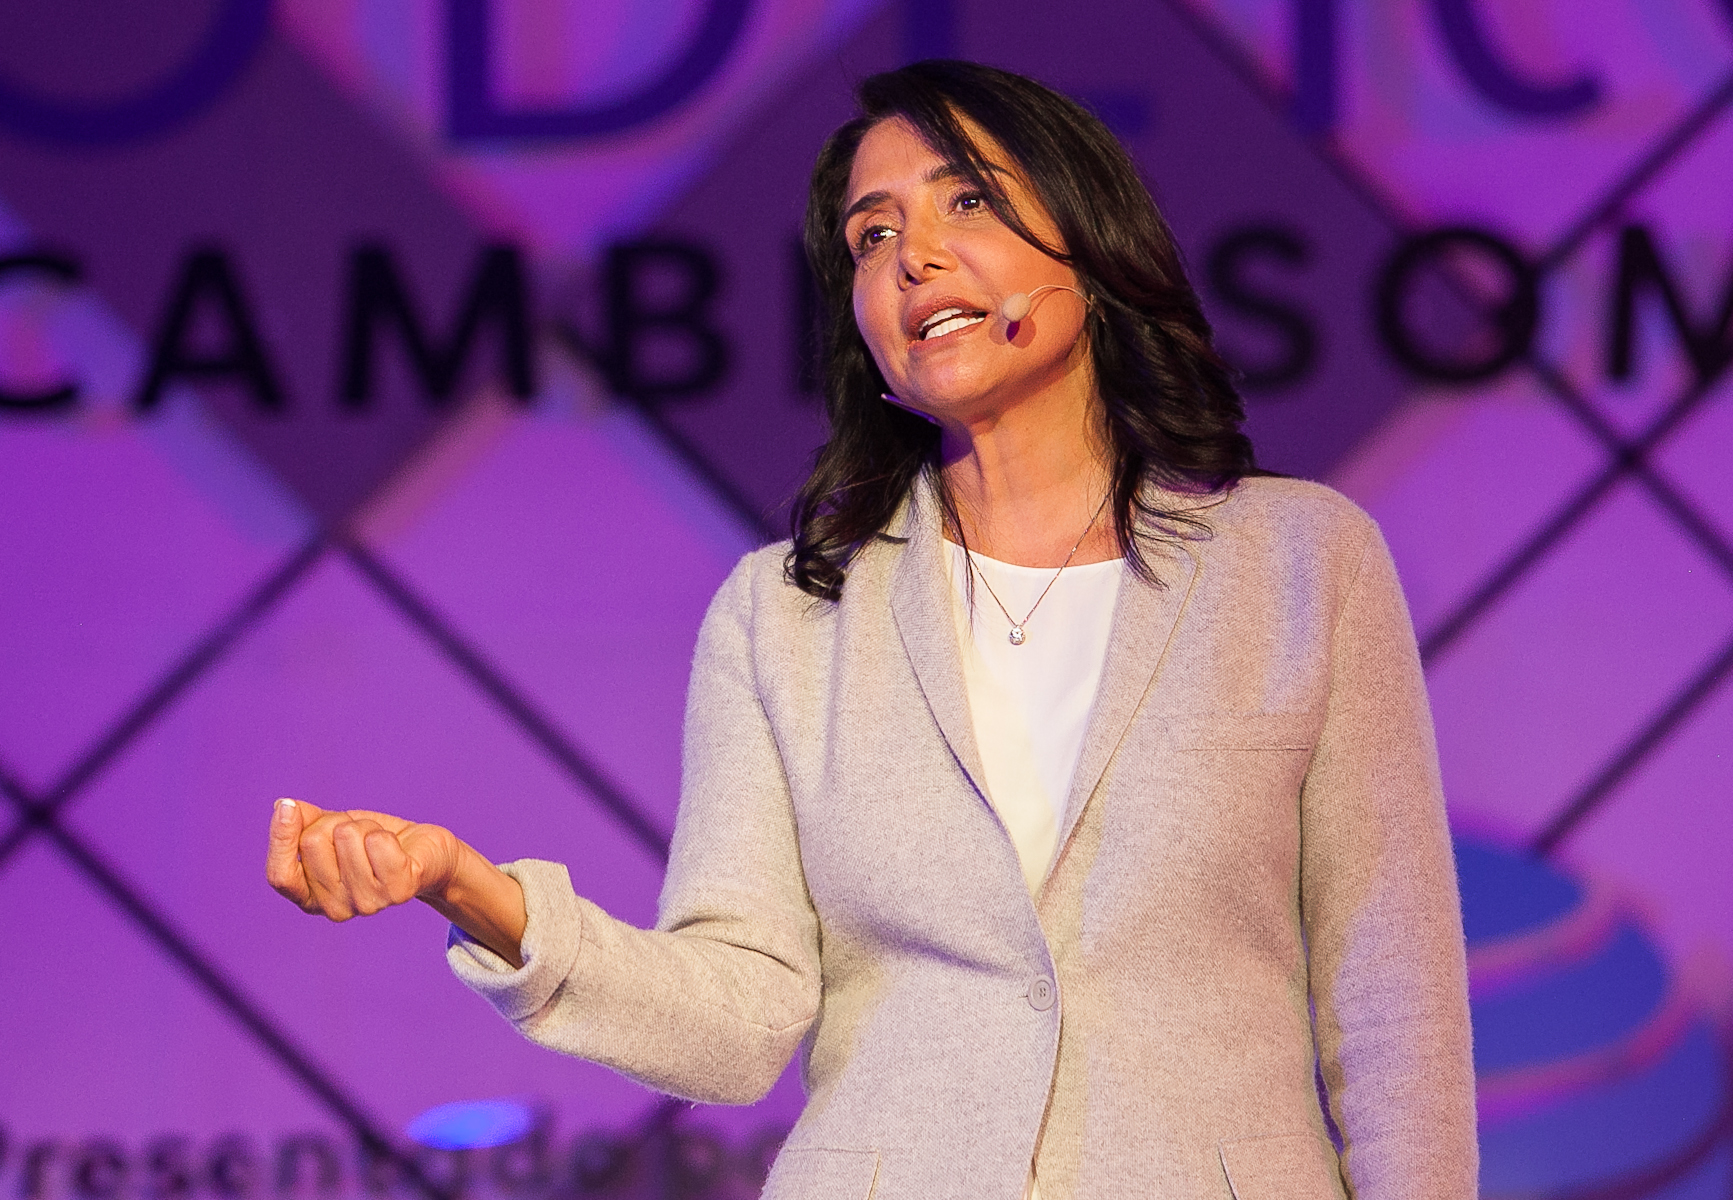 Para las mujeres, gobernar es punto de partida, no la meta: Barrales